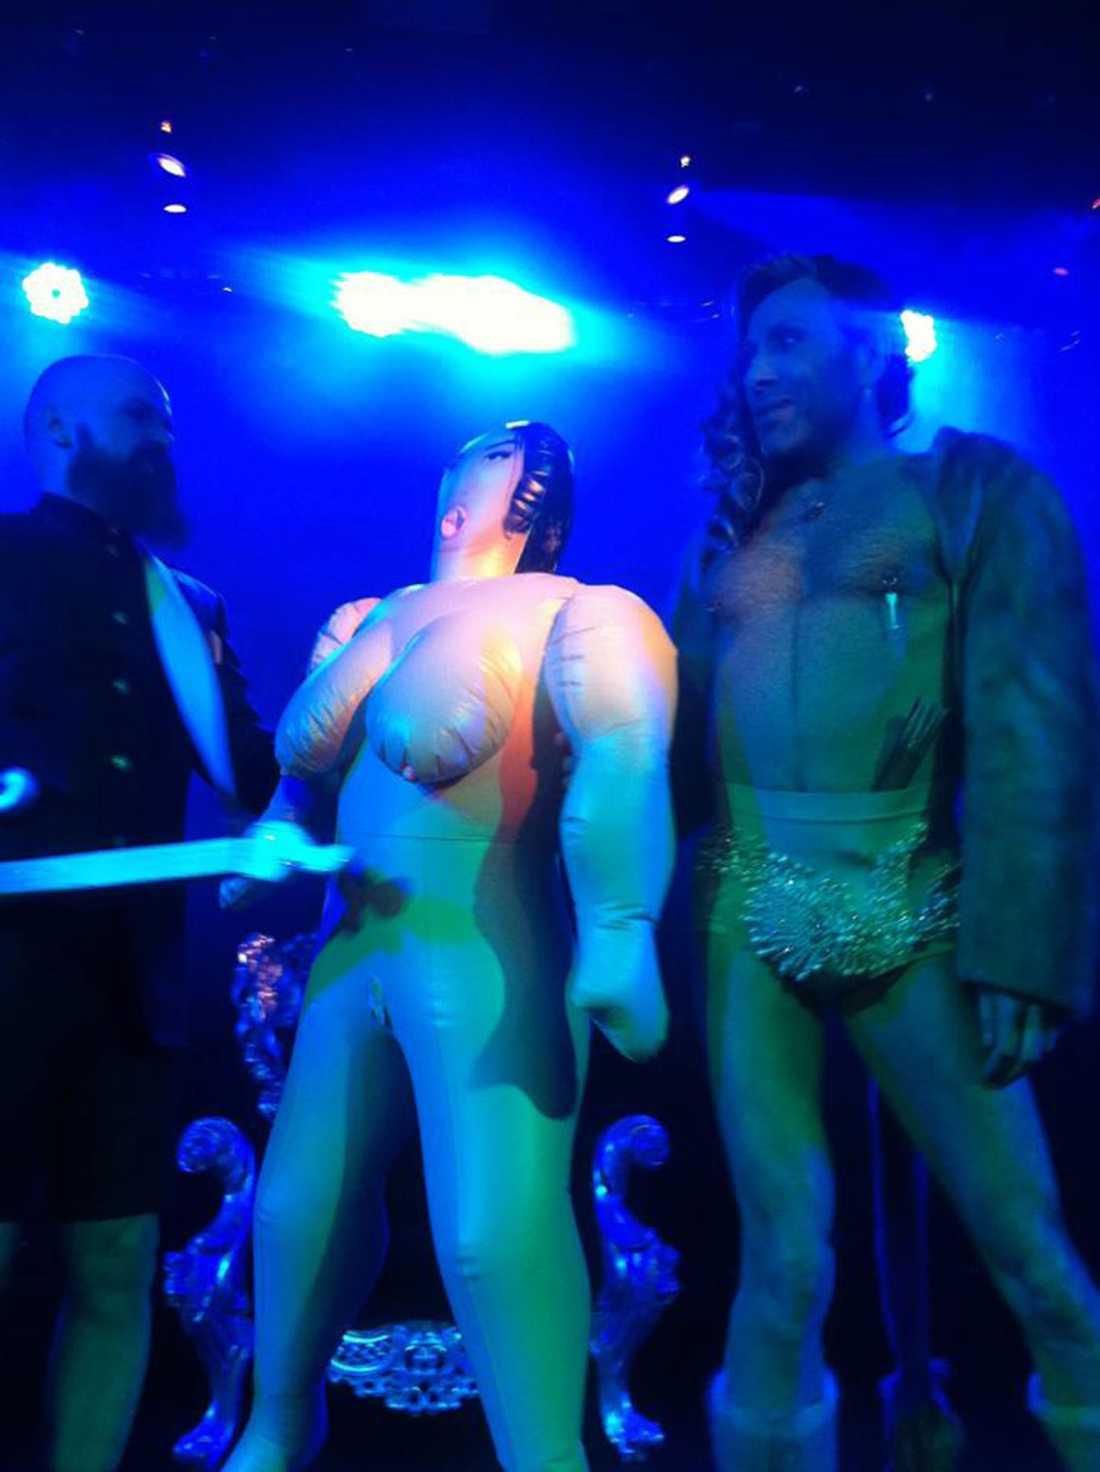 Den uppblåsbara dockan sattes i en tron som liknade den som Camilla Henemark satt i under bandets framträdande i Melodifestivalen.